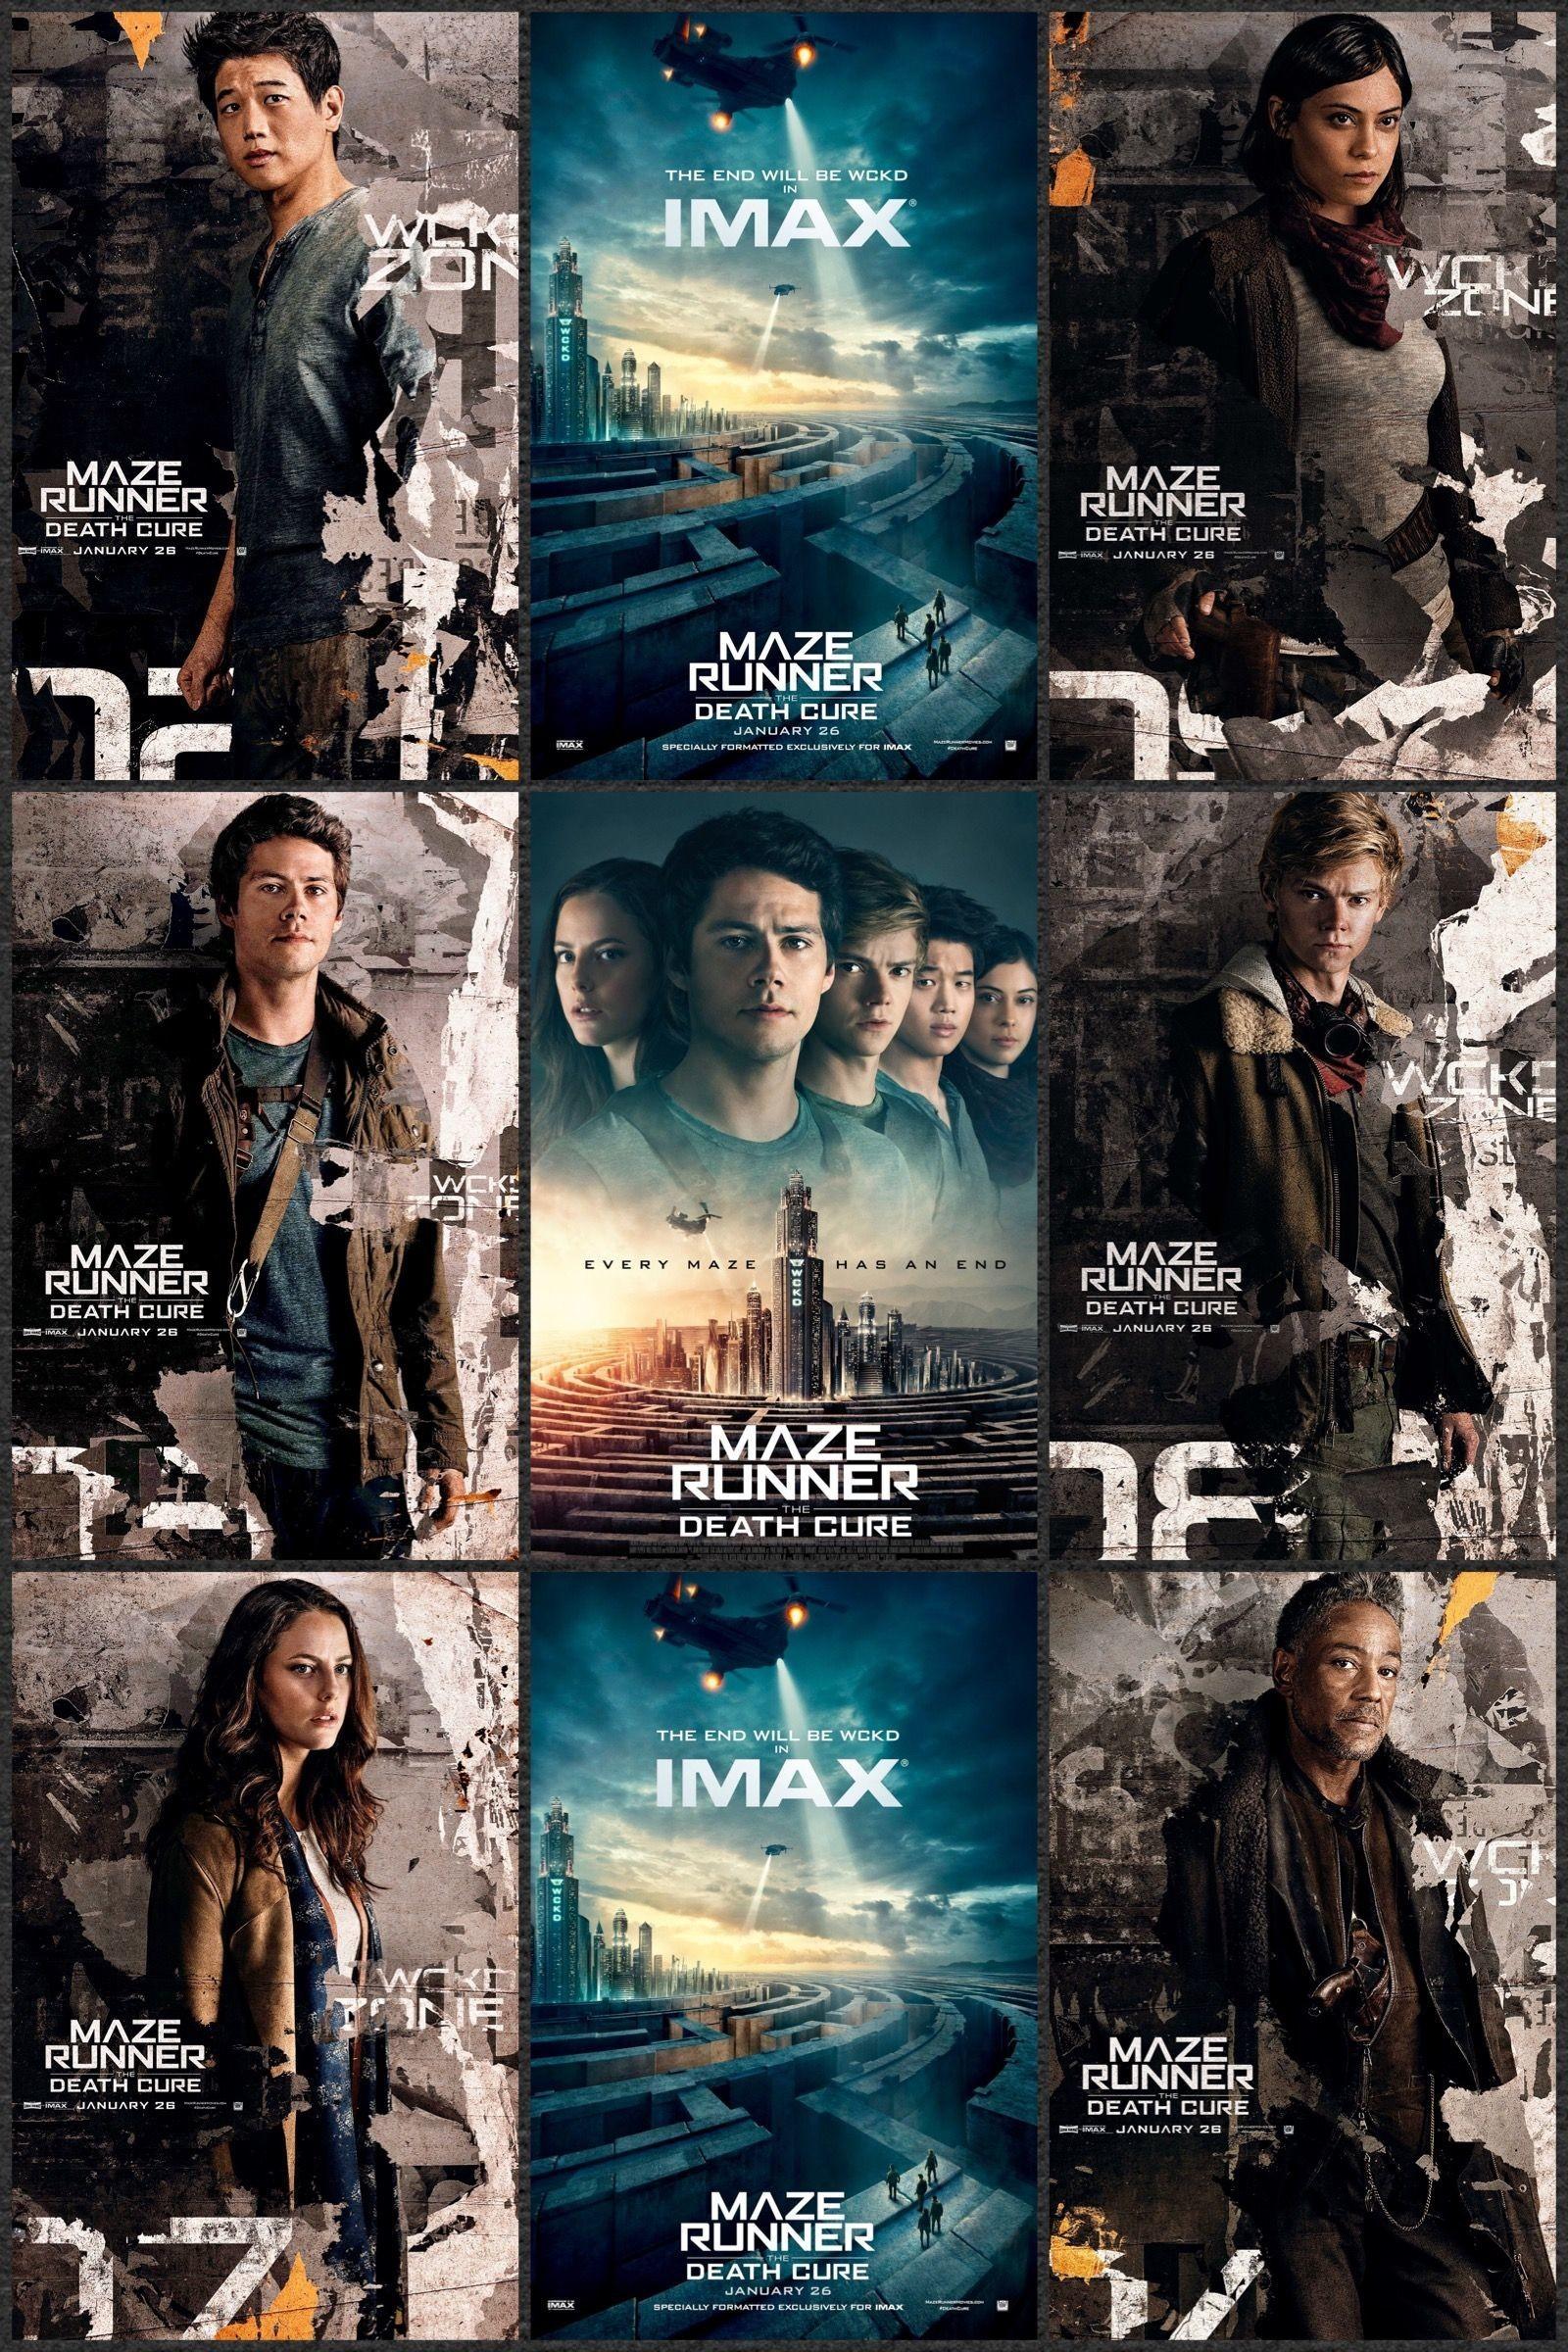 The Maze Runner Wallpaper - Maze Runner The Death Cure Movie Poster - HD Wallpaper